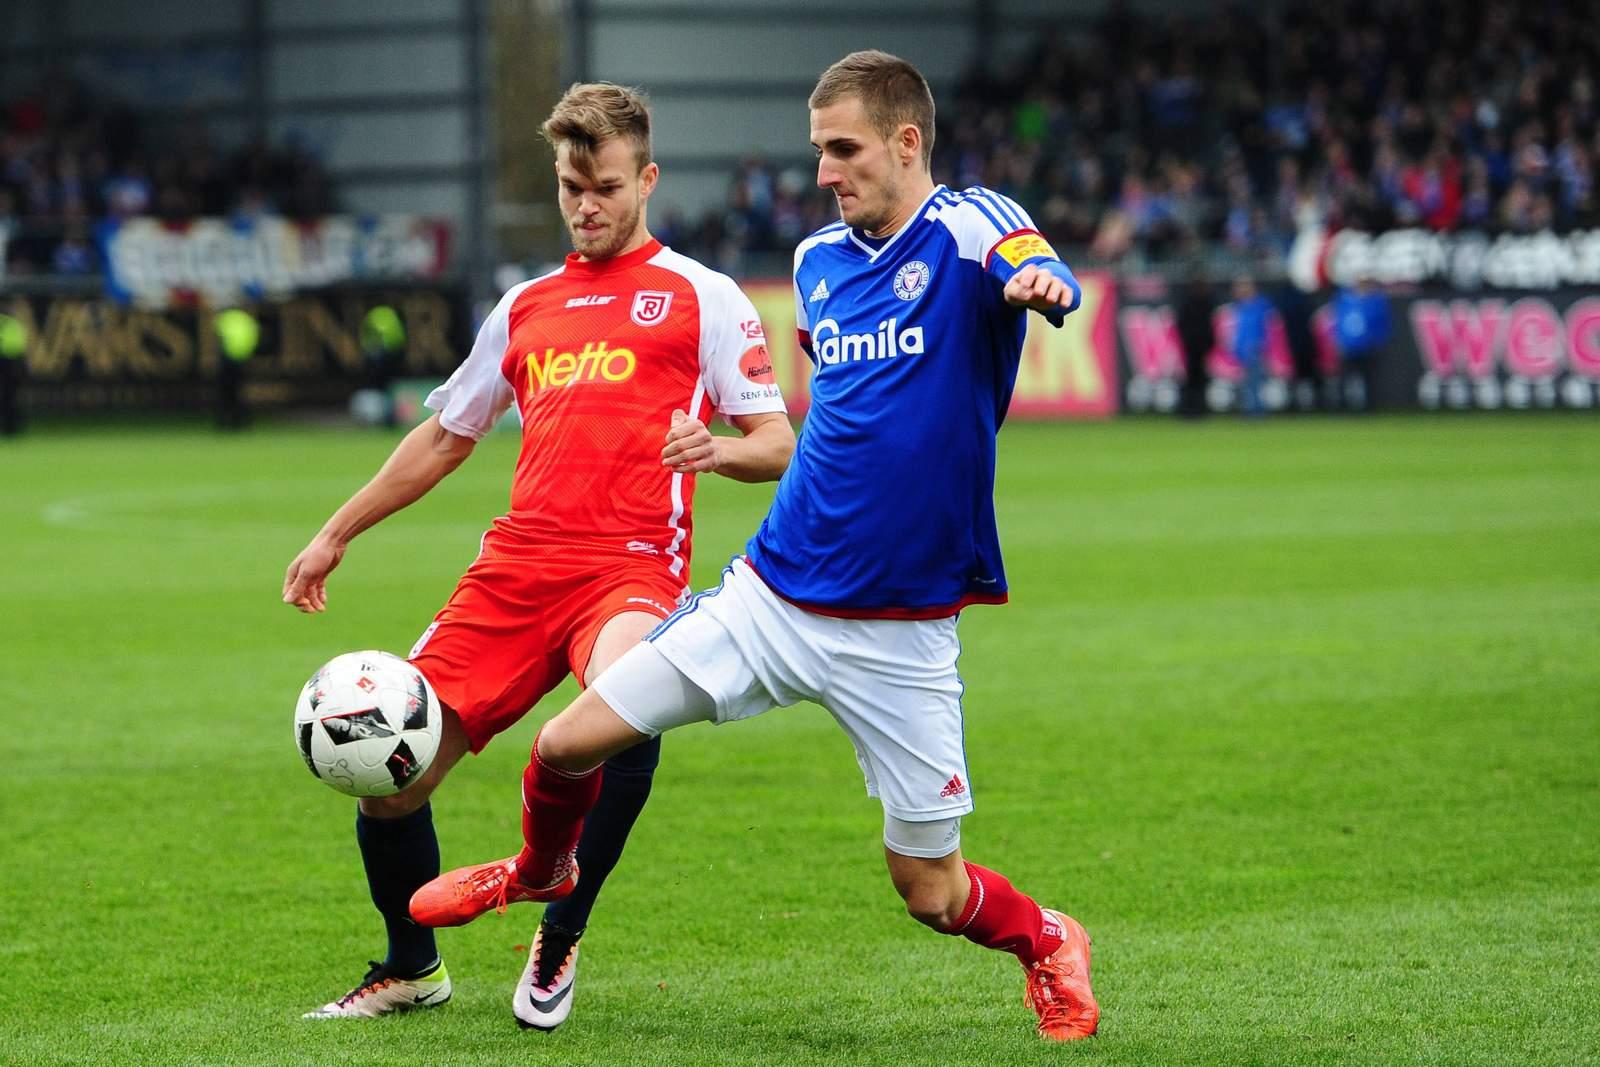 Dominick Drexler und Benedikt Saller im Duell um den Ball. Jetzt auf Regensburg gegen Kiel wetten!